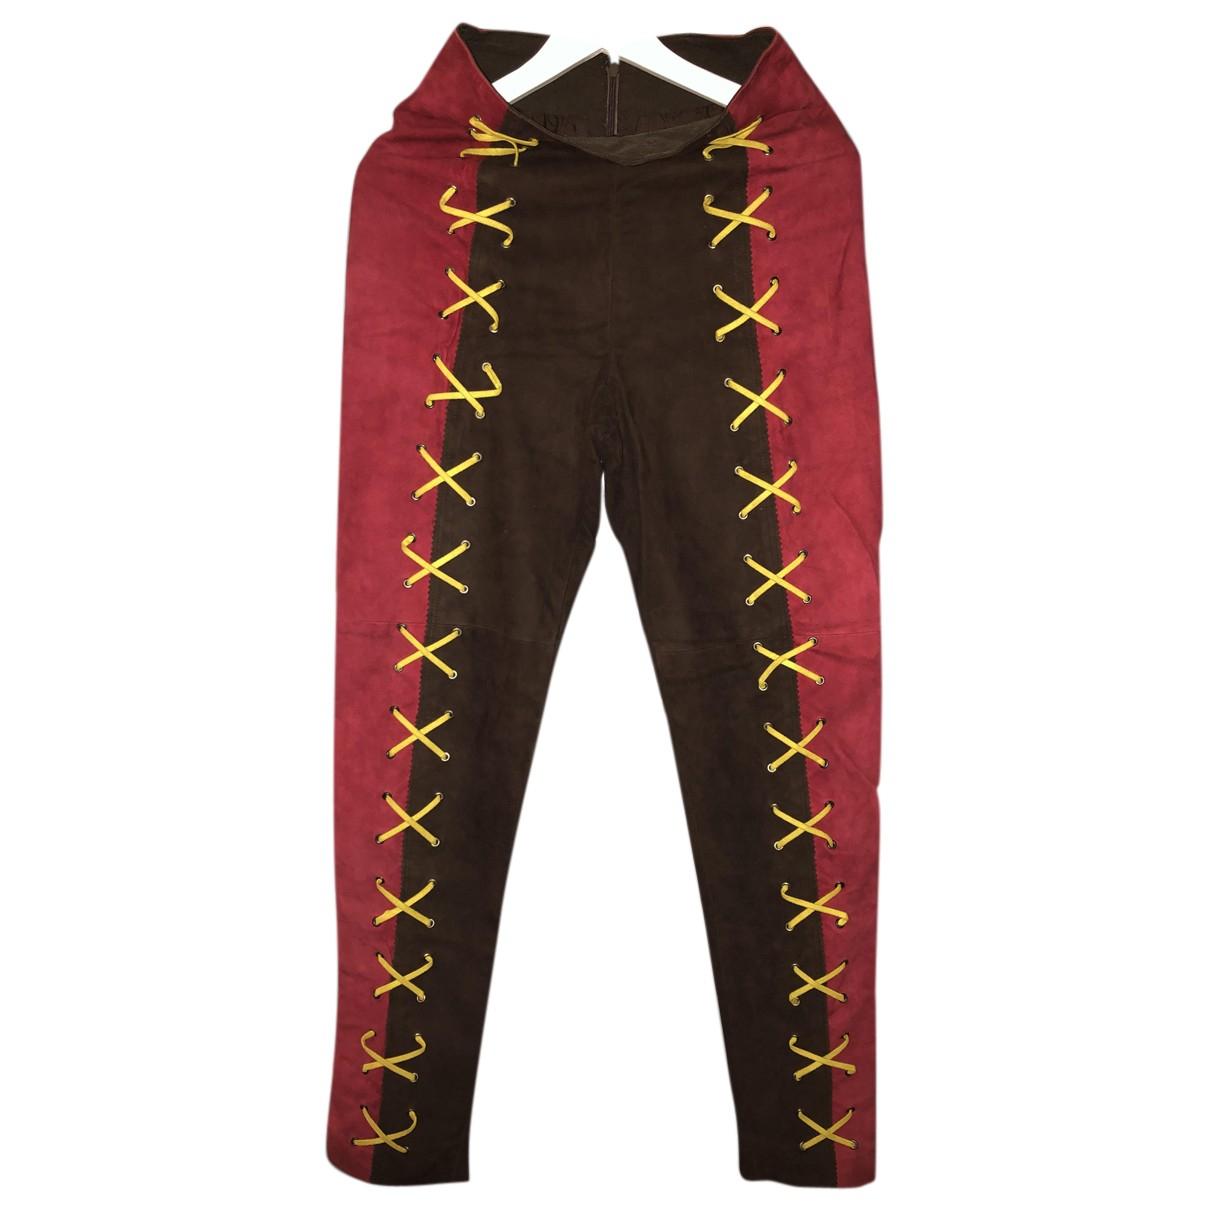 Pantalon de Cuero Hermes